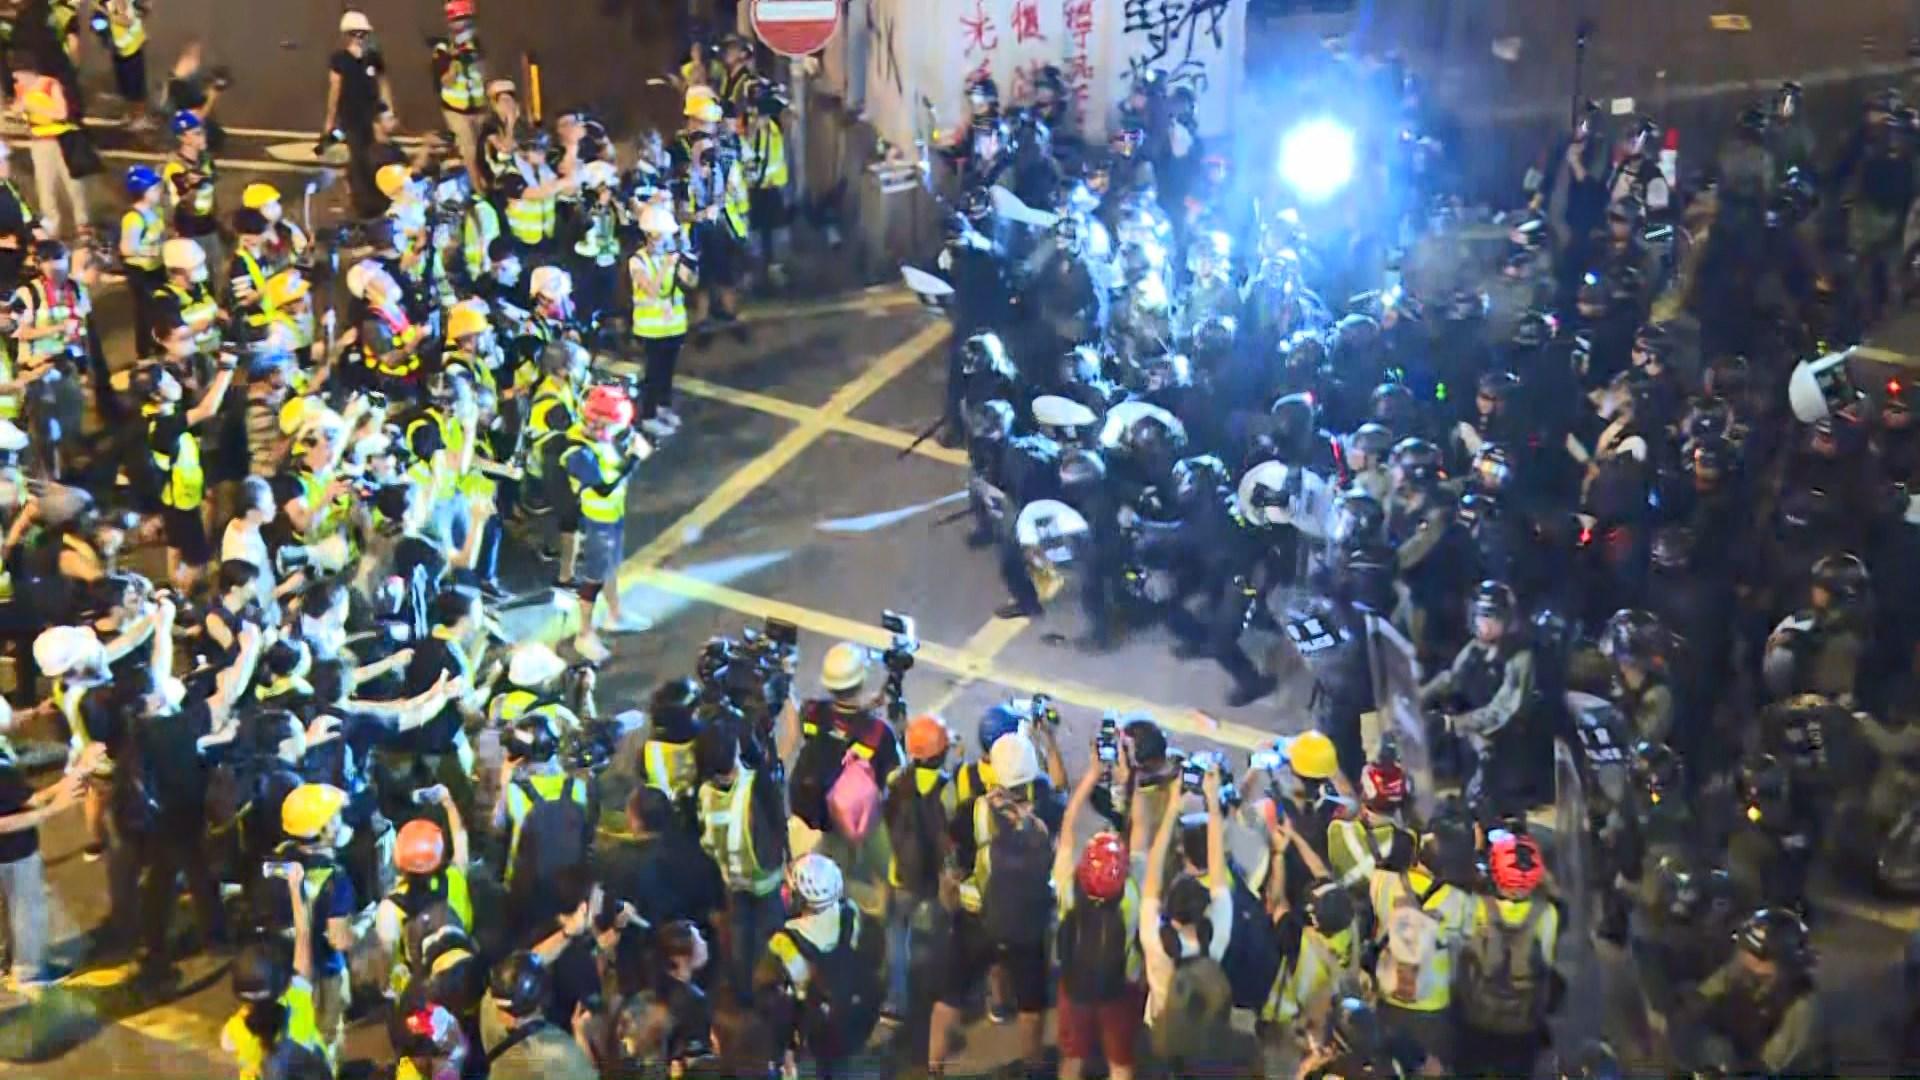 示威者中聯辦外聚集塗污國徽 防暴警清場